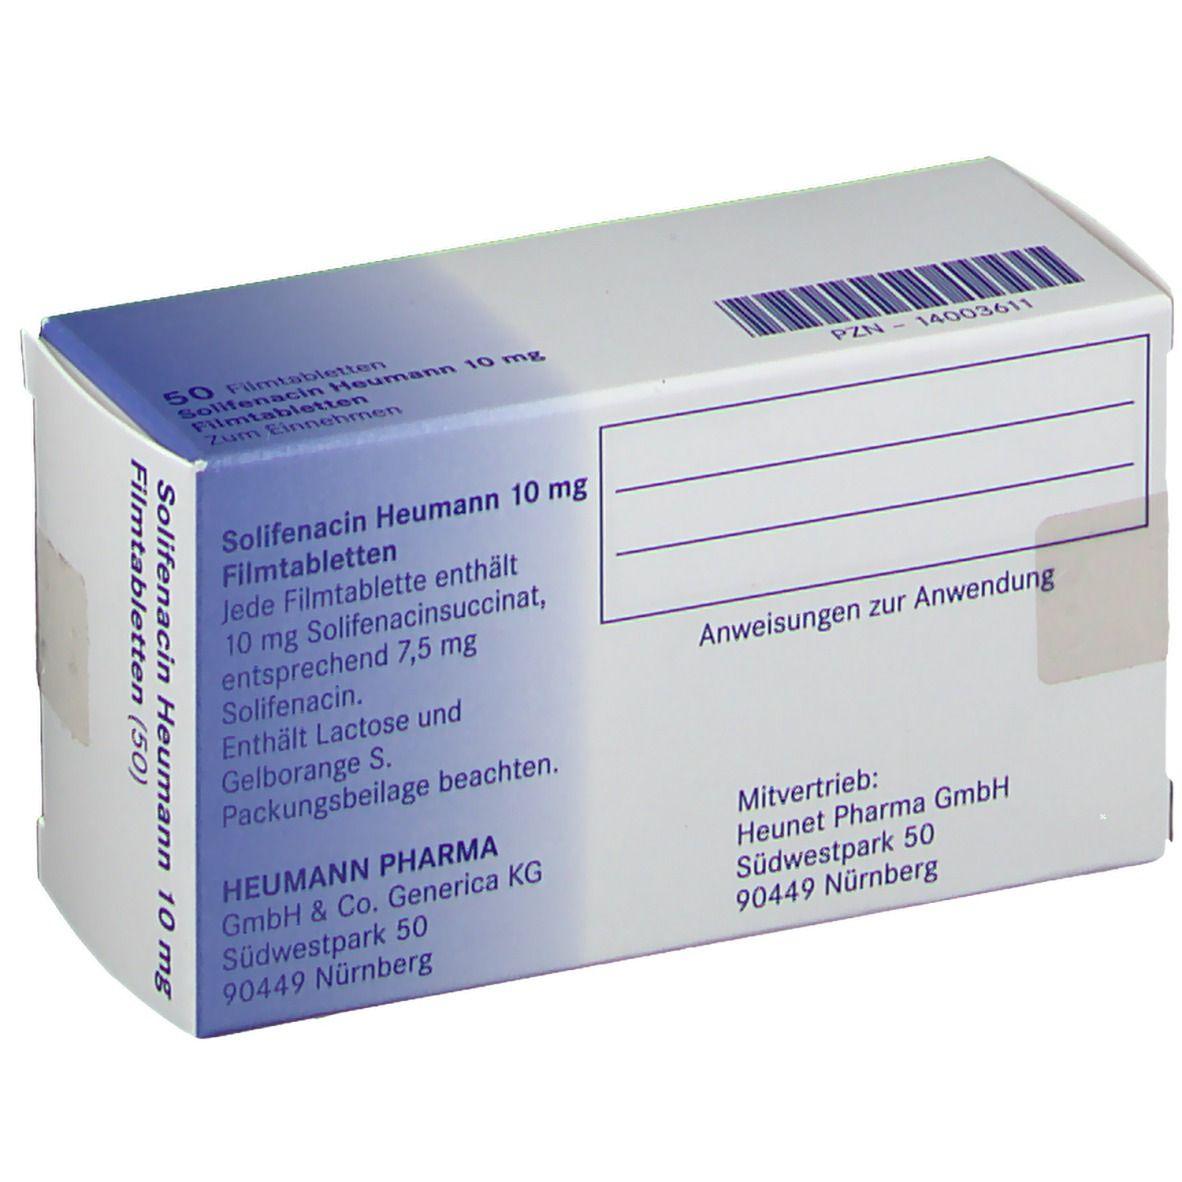 SOLIFENACIN Heumann 10 mg Filmtabletten